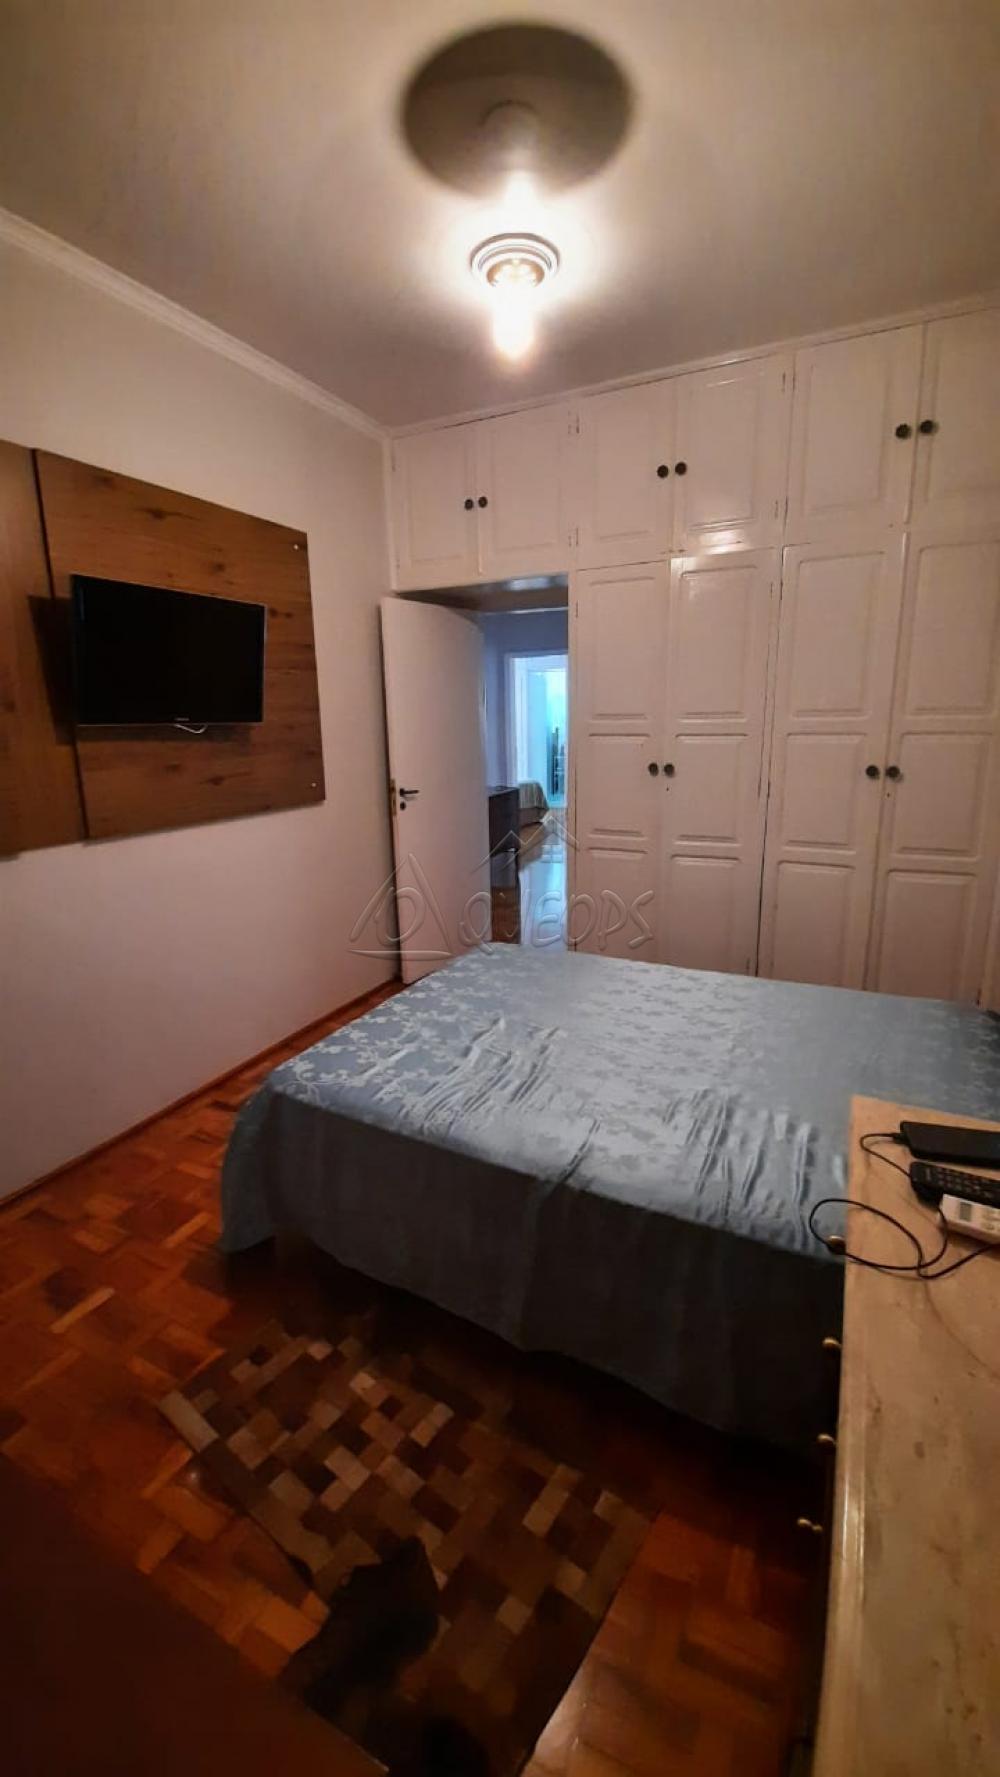 Comprar Casa / Padrão em Barretos apenas R$ 500.000,00 - Foto 22